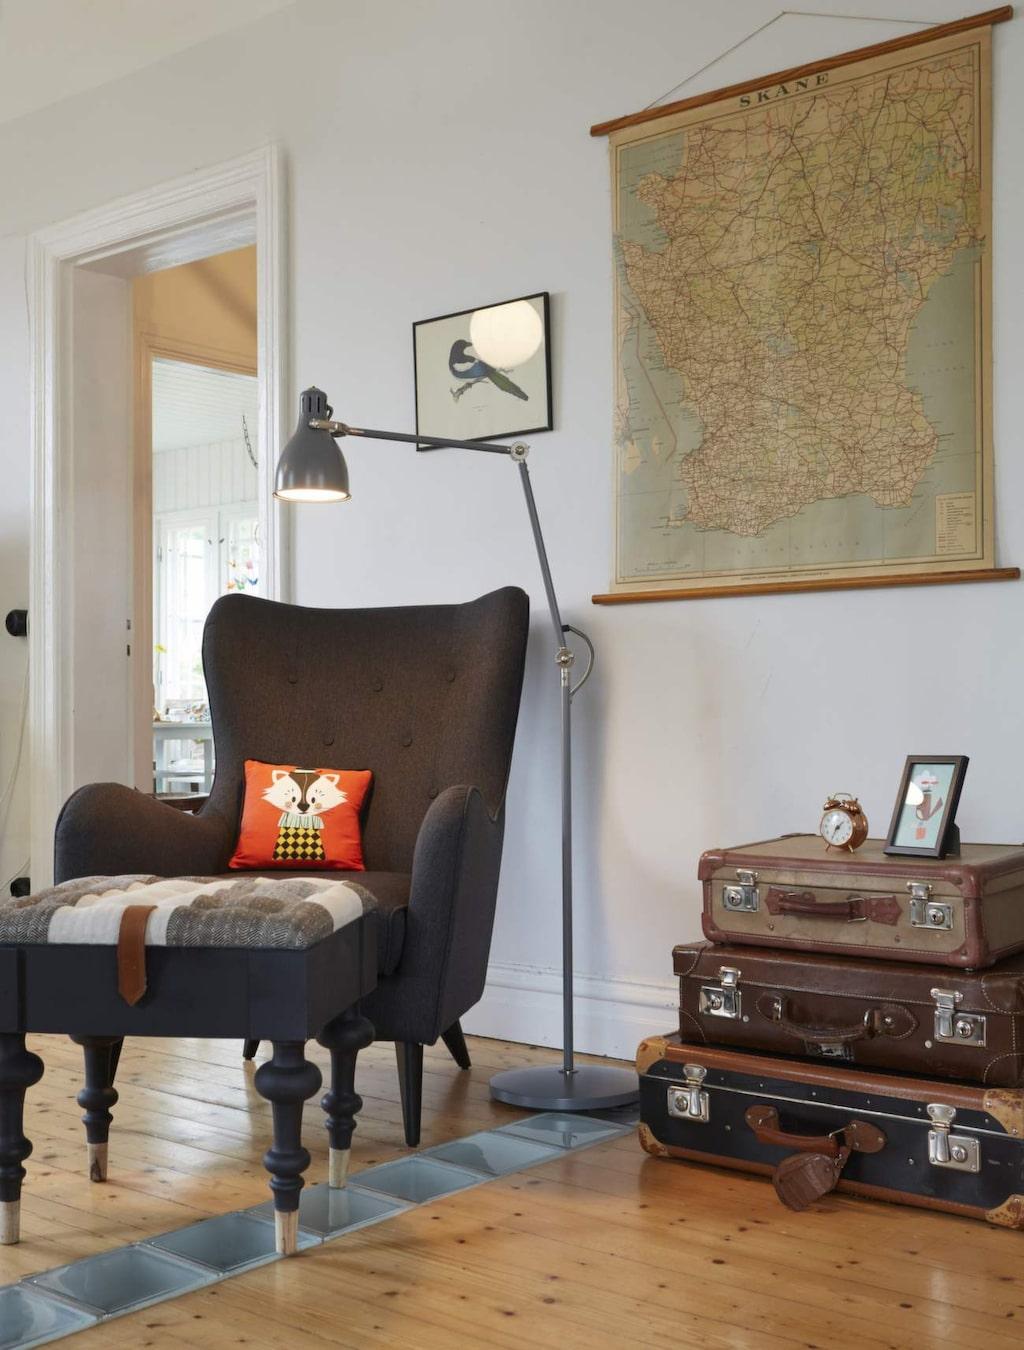 Fåtölj från Ilva tillsammans med fotpall från Indiska. Avställningsbordet är tre gamla resväskor, loppisfynd förstås.